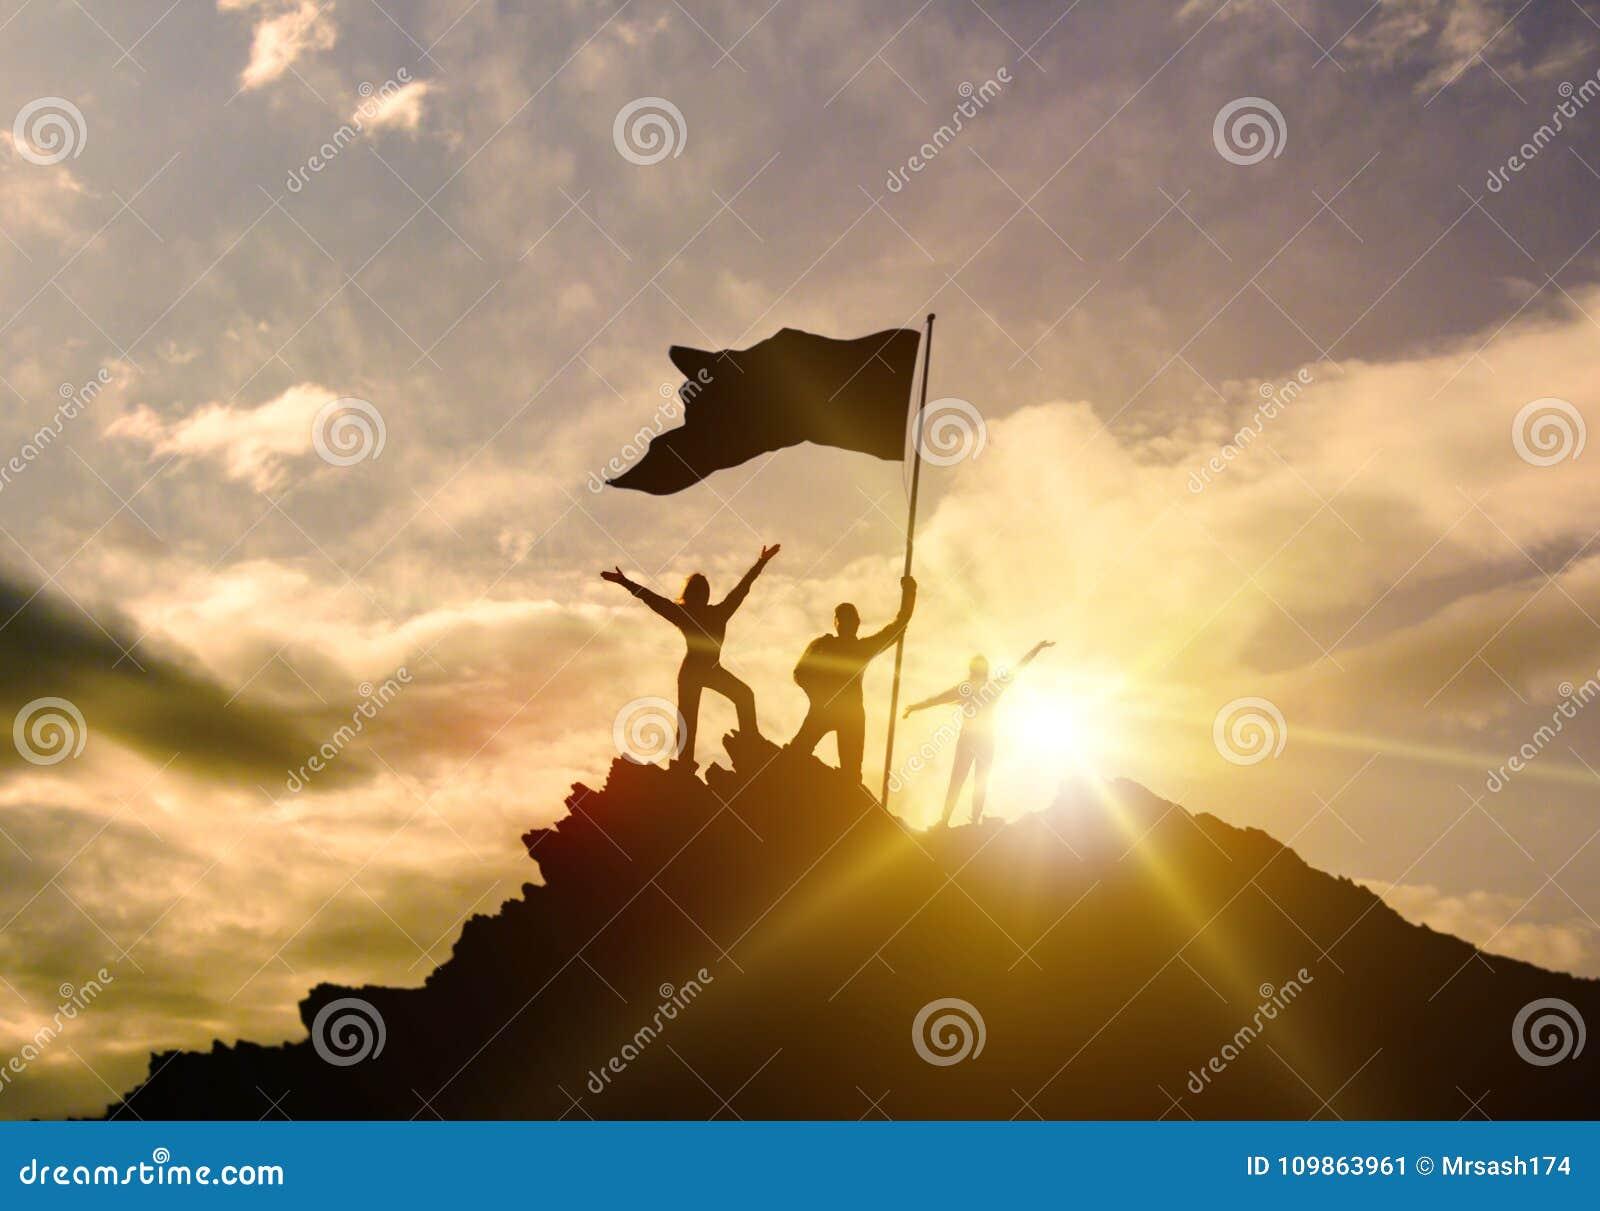 Η υψηλή επιτυχία, οικογένεια τρία σκιαγραφεί, πατέρας της μητέρας και σημαία εκμετάλλευσης παιδιών της νίκης πάνω από το βουνό, χ